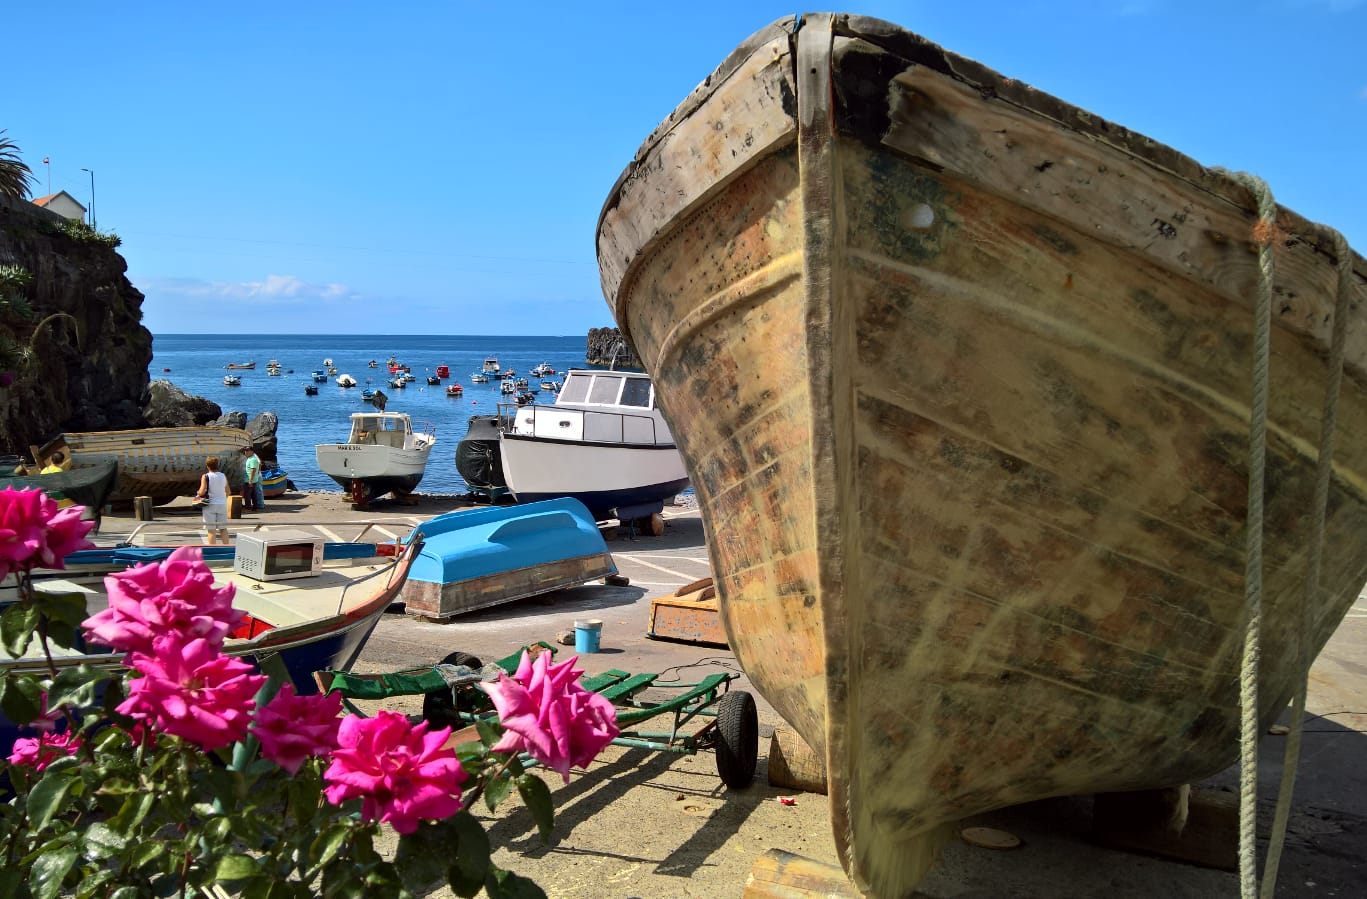 Viaggio a Madera: da Câmara de Lobos a Ponta do Sol